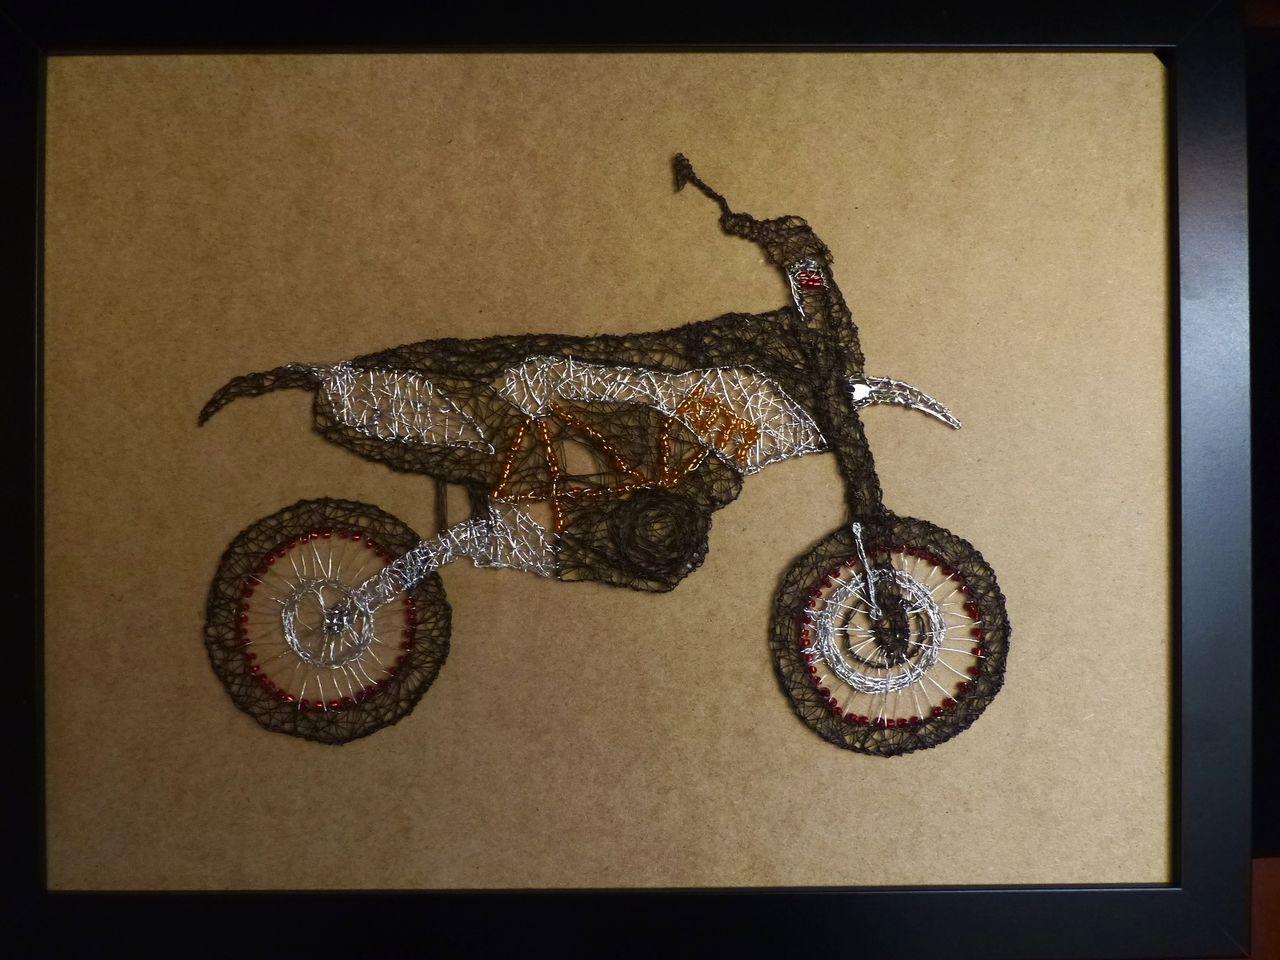 Bild: Ktm, Motorrad, Draht, Kunsthandwerk von Indra_95 bei KunstNet